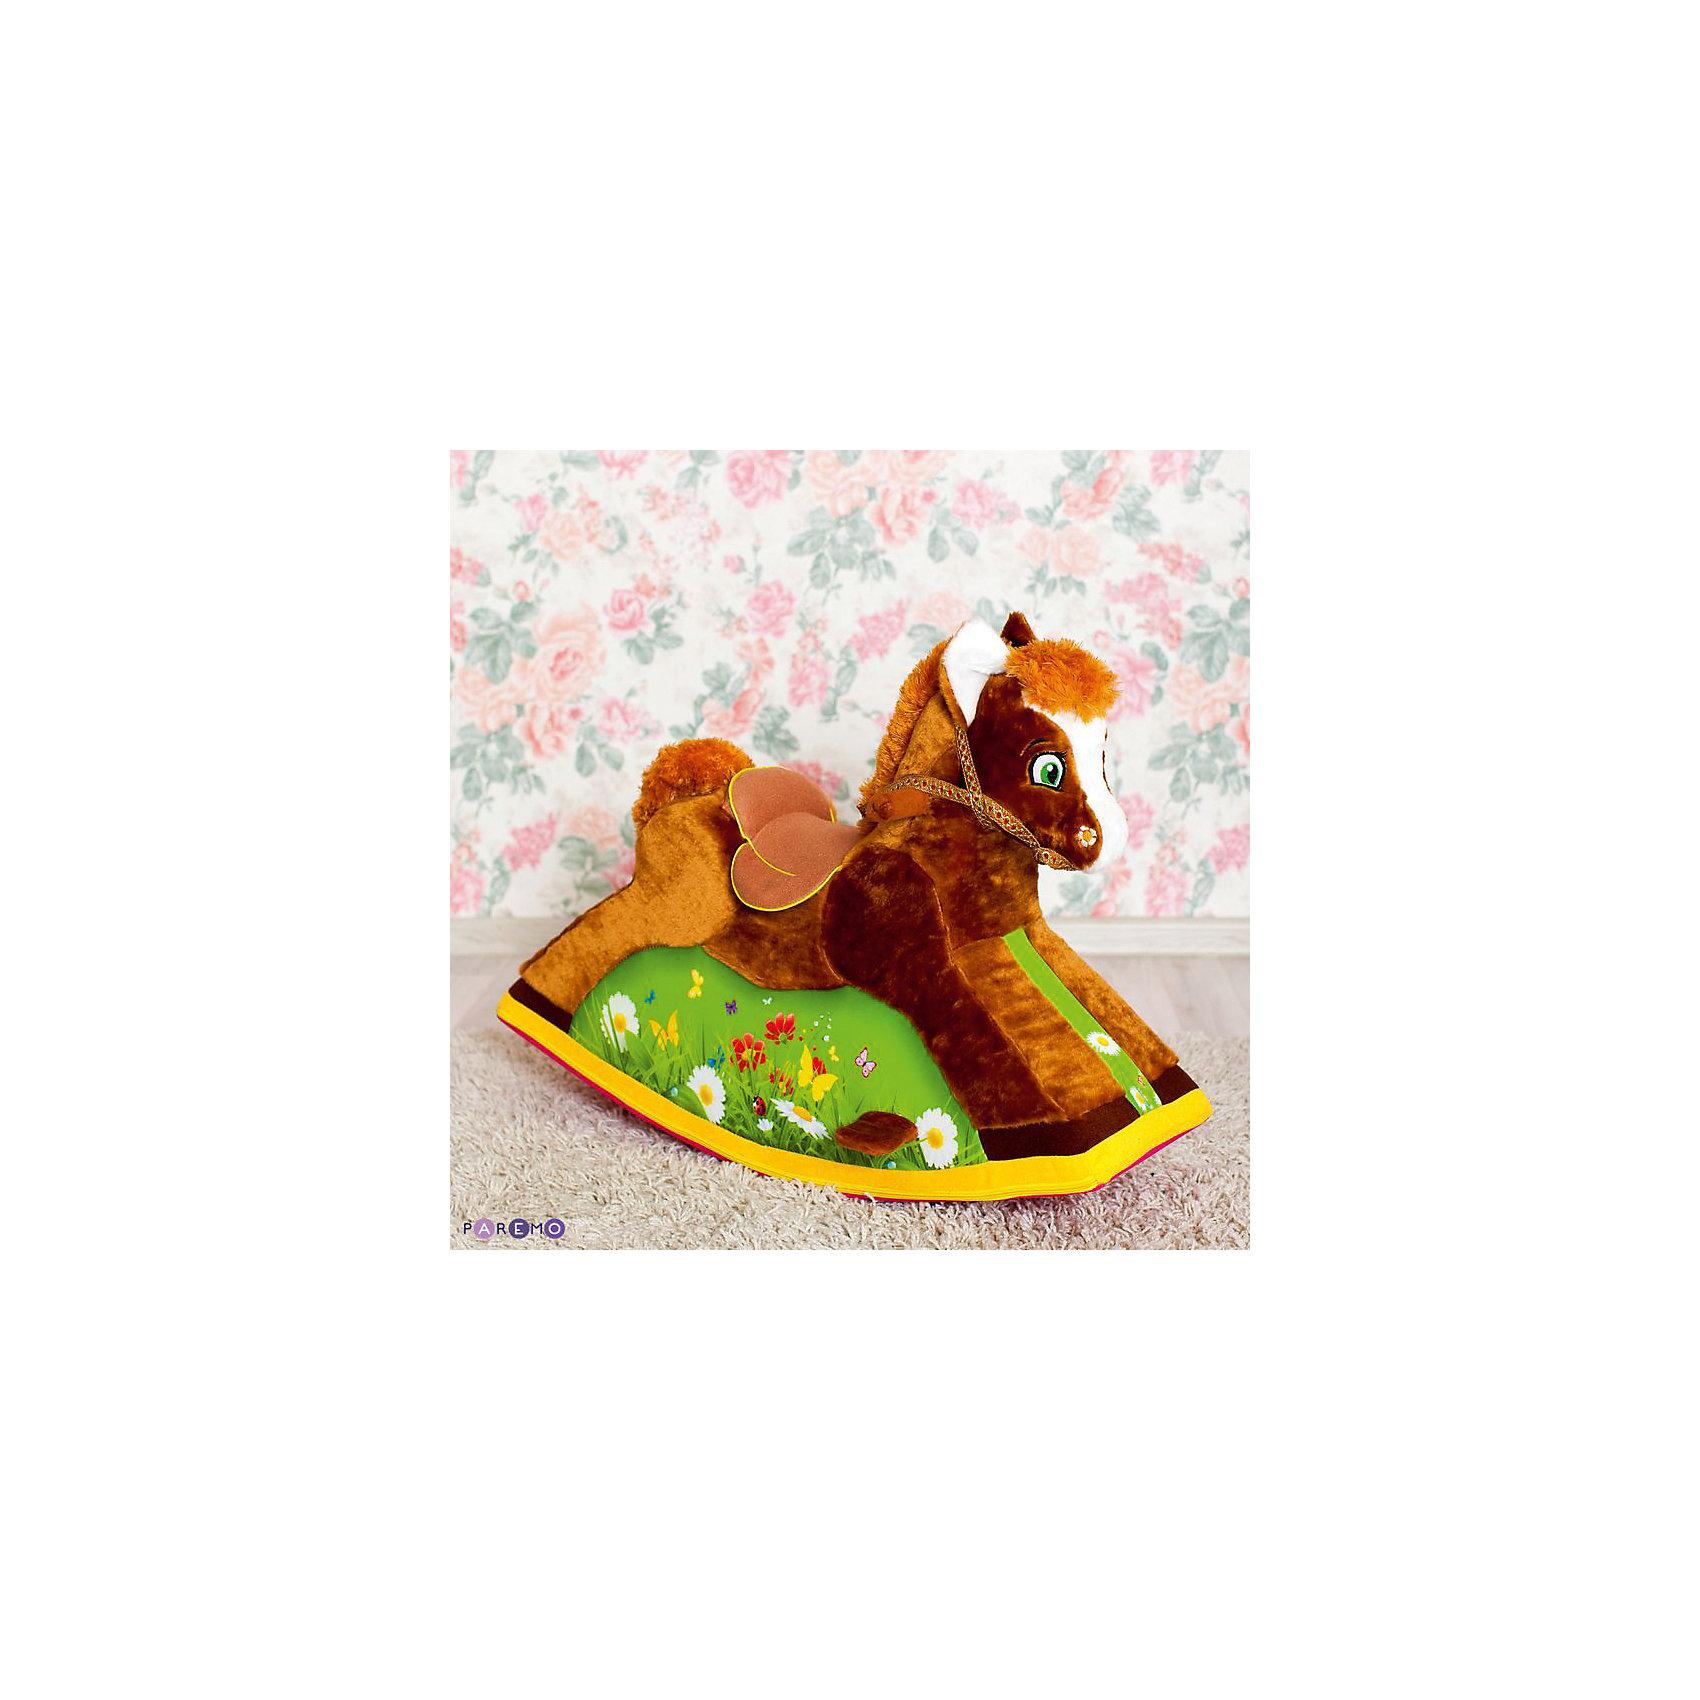 Детская качалка Лошадка, PAREMOДетская качалка Лошадка, PAREMO (ПАРЕМО).<br><br>Характеристики:<br><br>• Для детей от 1 года до 4 лет<br>• Рекомендованная нагрузка до 20 кг.<br>• Размер: 78х57х39 см.<br>• Вес: 4,5 кг.<br>• Высота от пола до сидения: 35 см.<br>• Материалы чехла: искусственный мех, текстиль, велюр<br>• Наполнитель: пенополиуретан<br>• Упаковка: пакет<br><br>Лошадка-качалка подарит вашему ребенку массу положительных эмоций и станет великолепным тренажером вестибулярного аппарата. Конструкция качалки учитывает все особенности строения детского тела. Игрушка имеет: удобное и мягкое сиденье со специальным седлом для большего комфорта; широкое основание с подножками для легкой фиксации ног ребенка; специальные ручки-держатели; небольшую уздечку. <br><br>Качалка абсолютно безопасна. За счет устойчивого основания и небольшого градуса наклона, риск перевернуться сводится к минимуму. Лошадка имеет бескаркасную конструкцию, поэтому полностью исключается возможность травмироваться во время игры. <br><br>Мягкая обивка приятна на ощупь и не вызывает раздражение чувствительной детской кожи. В качестве наполнителя использован пенополиуретан, который быстро и легко принимает нужную форму под весом ребенка. Забавная качалка станет незаменимым атрибутом различных сюжетно-ролевых игр. Классический дизайн и великолепное детализированное исполнение сделают качалку самой любимой игрушкой вашего малыша! Сделано в России!<br><br>Детскую качалку Лошадка, PAREMO (ПАРЕМО) можно купить в нашем интернет-магазине.<br><br>Ширина мм: 780<br>Глубина мм: 390<br>Высота мм: 570<br>Вес г: 4500<br>Возраст от месяцев: 12<br>Возраст до месяцев: 120<br>Пол: Унисекс<br>Возраст: Детский<br>SKU: 5482298